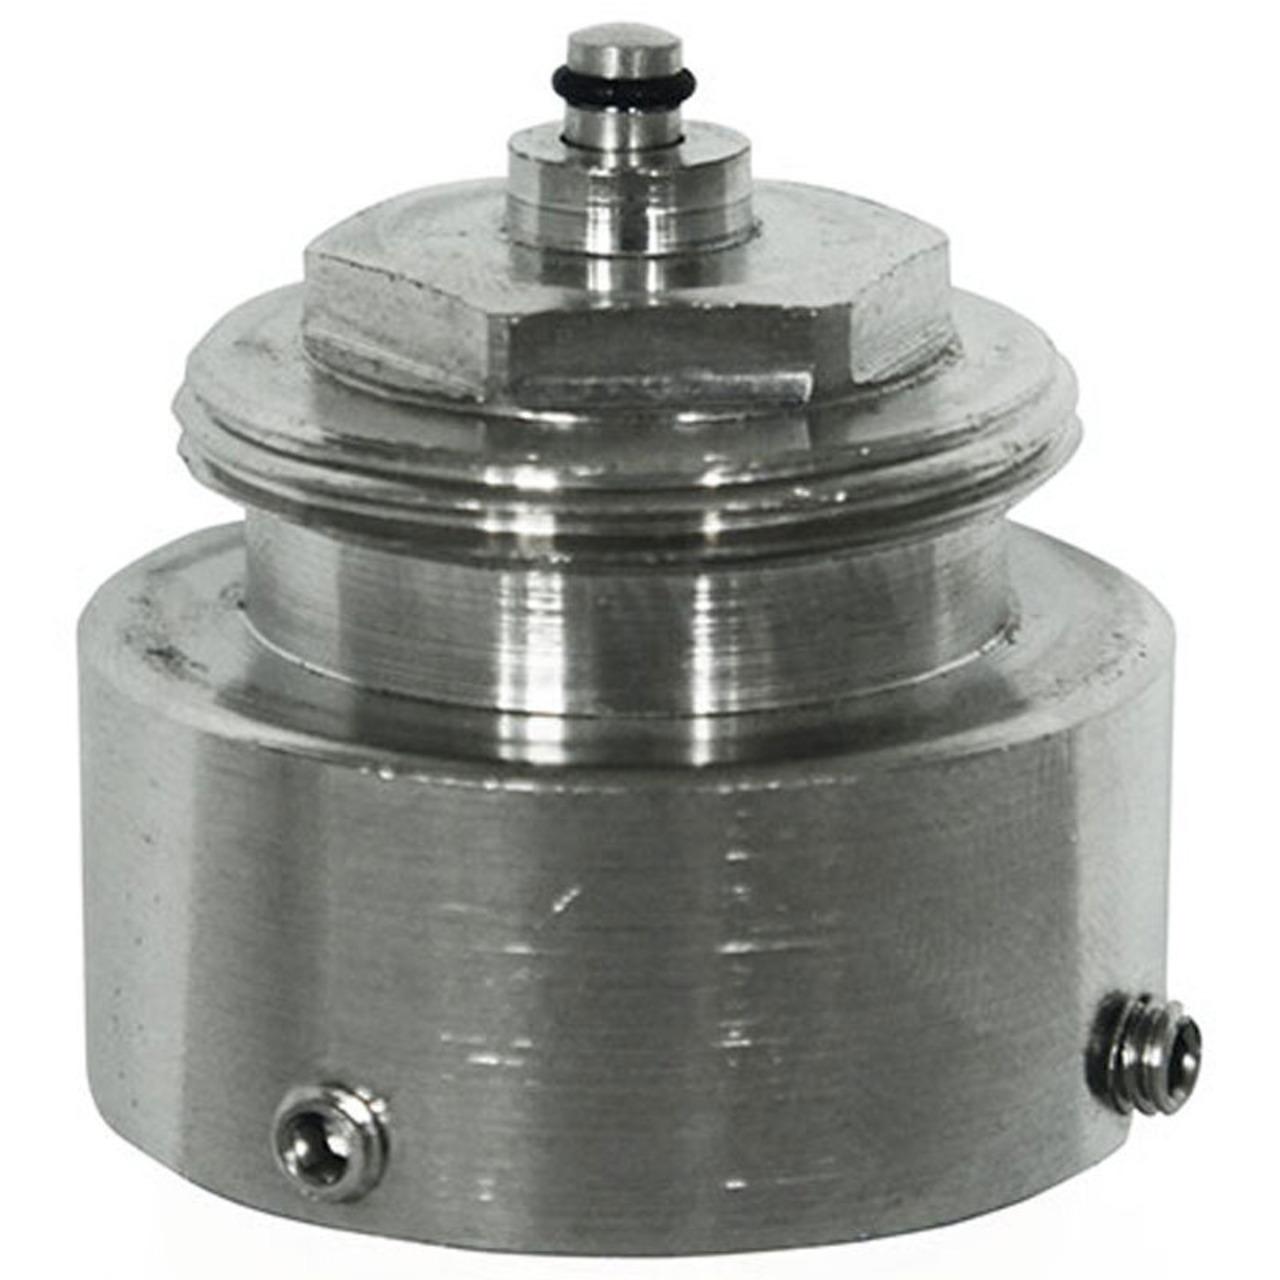 Heizungsventiladapter für Vaillant 30-5 mm (Messing)